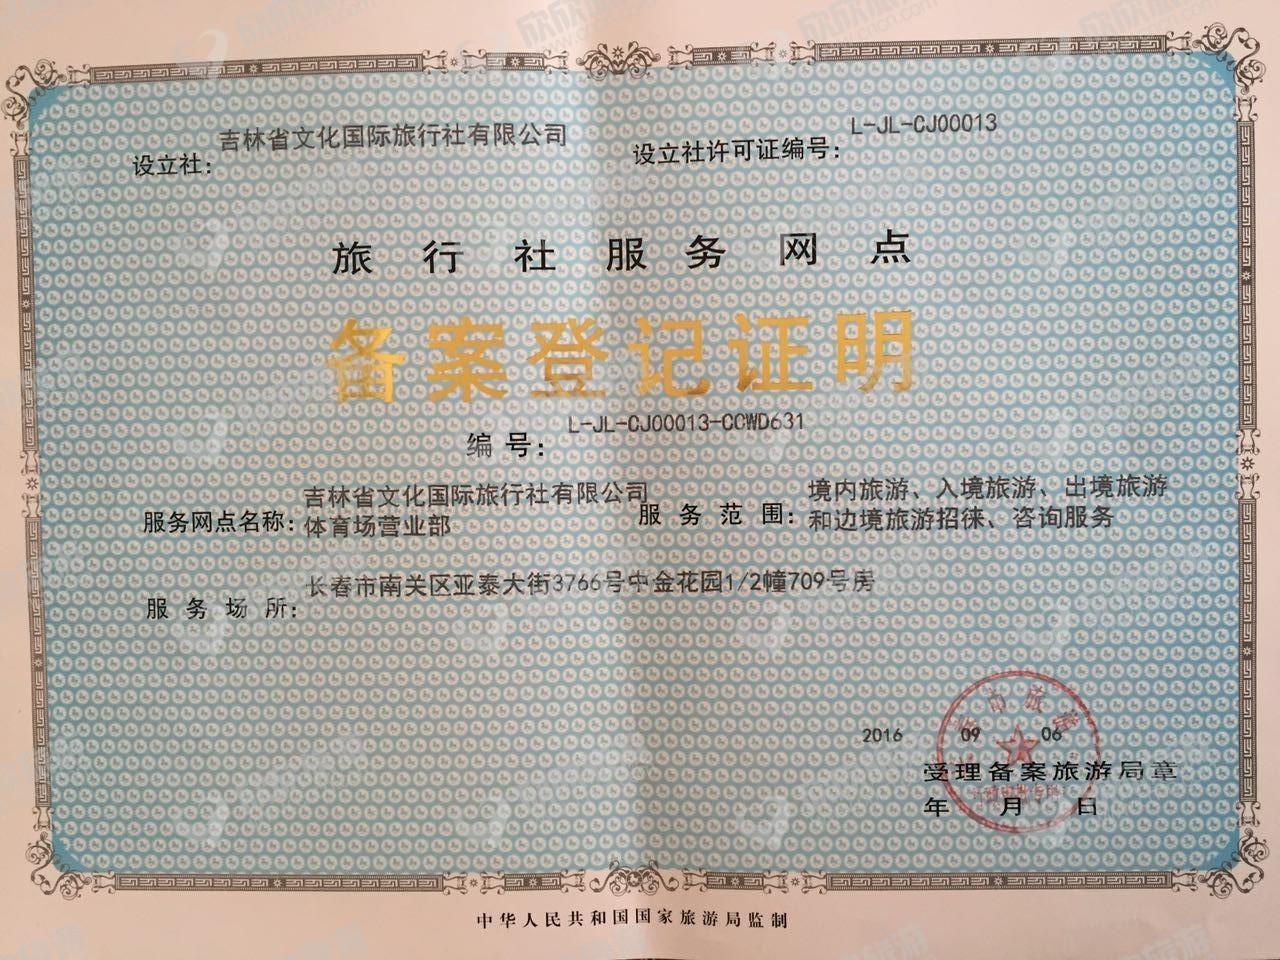 吉林省文化国际旅行社有限公司体育场营业部经营许可证